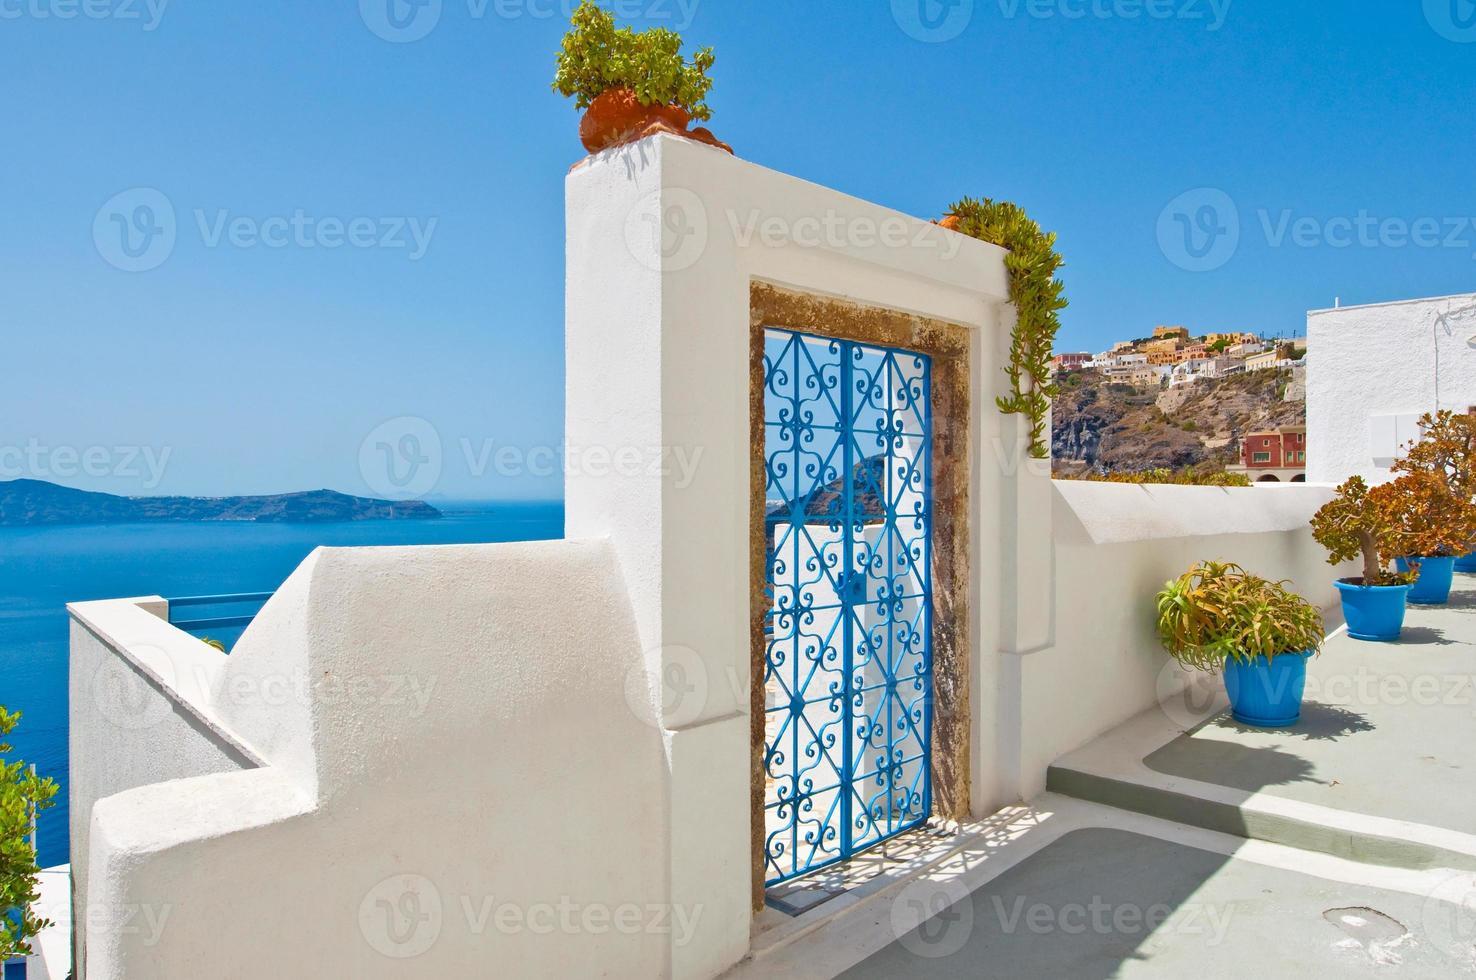 Fira-Architektur auf der Insel Thira (Santorini). Griechenland. foto